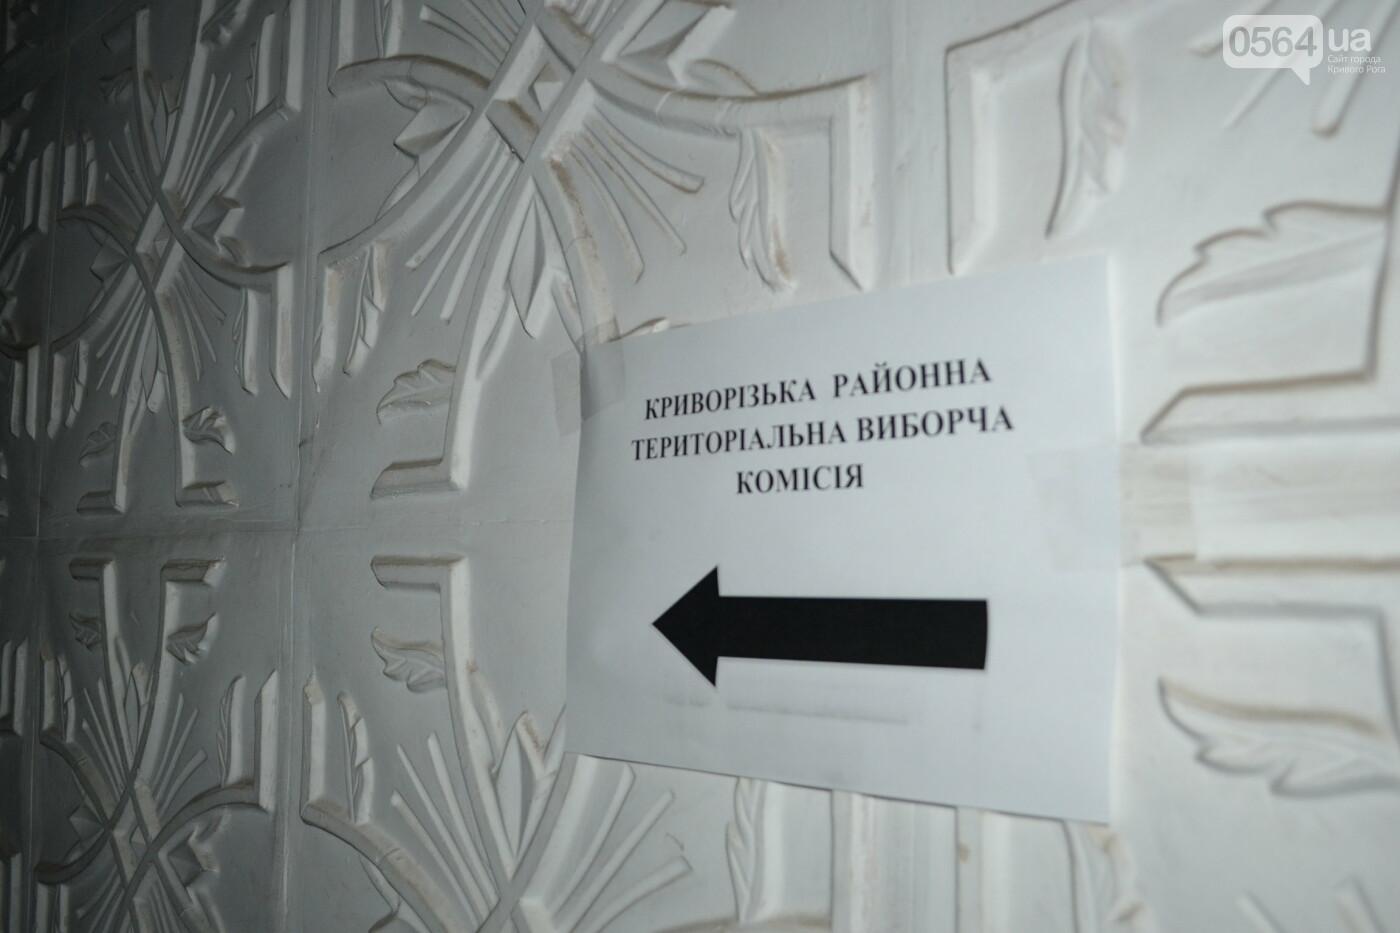 Криворожская РИК продолжает принимать протоколы об итогах голосования на выборах в райсовет, - ФОТО, фото-10